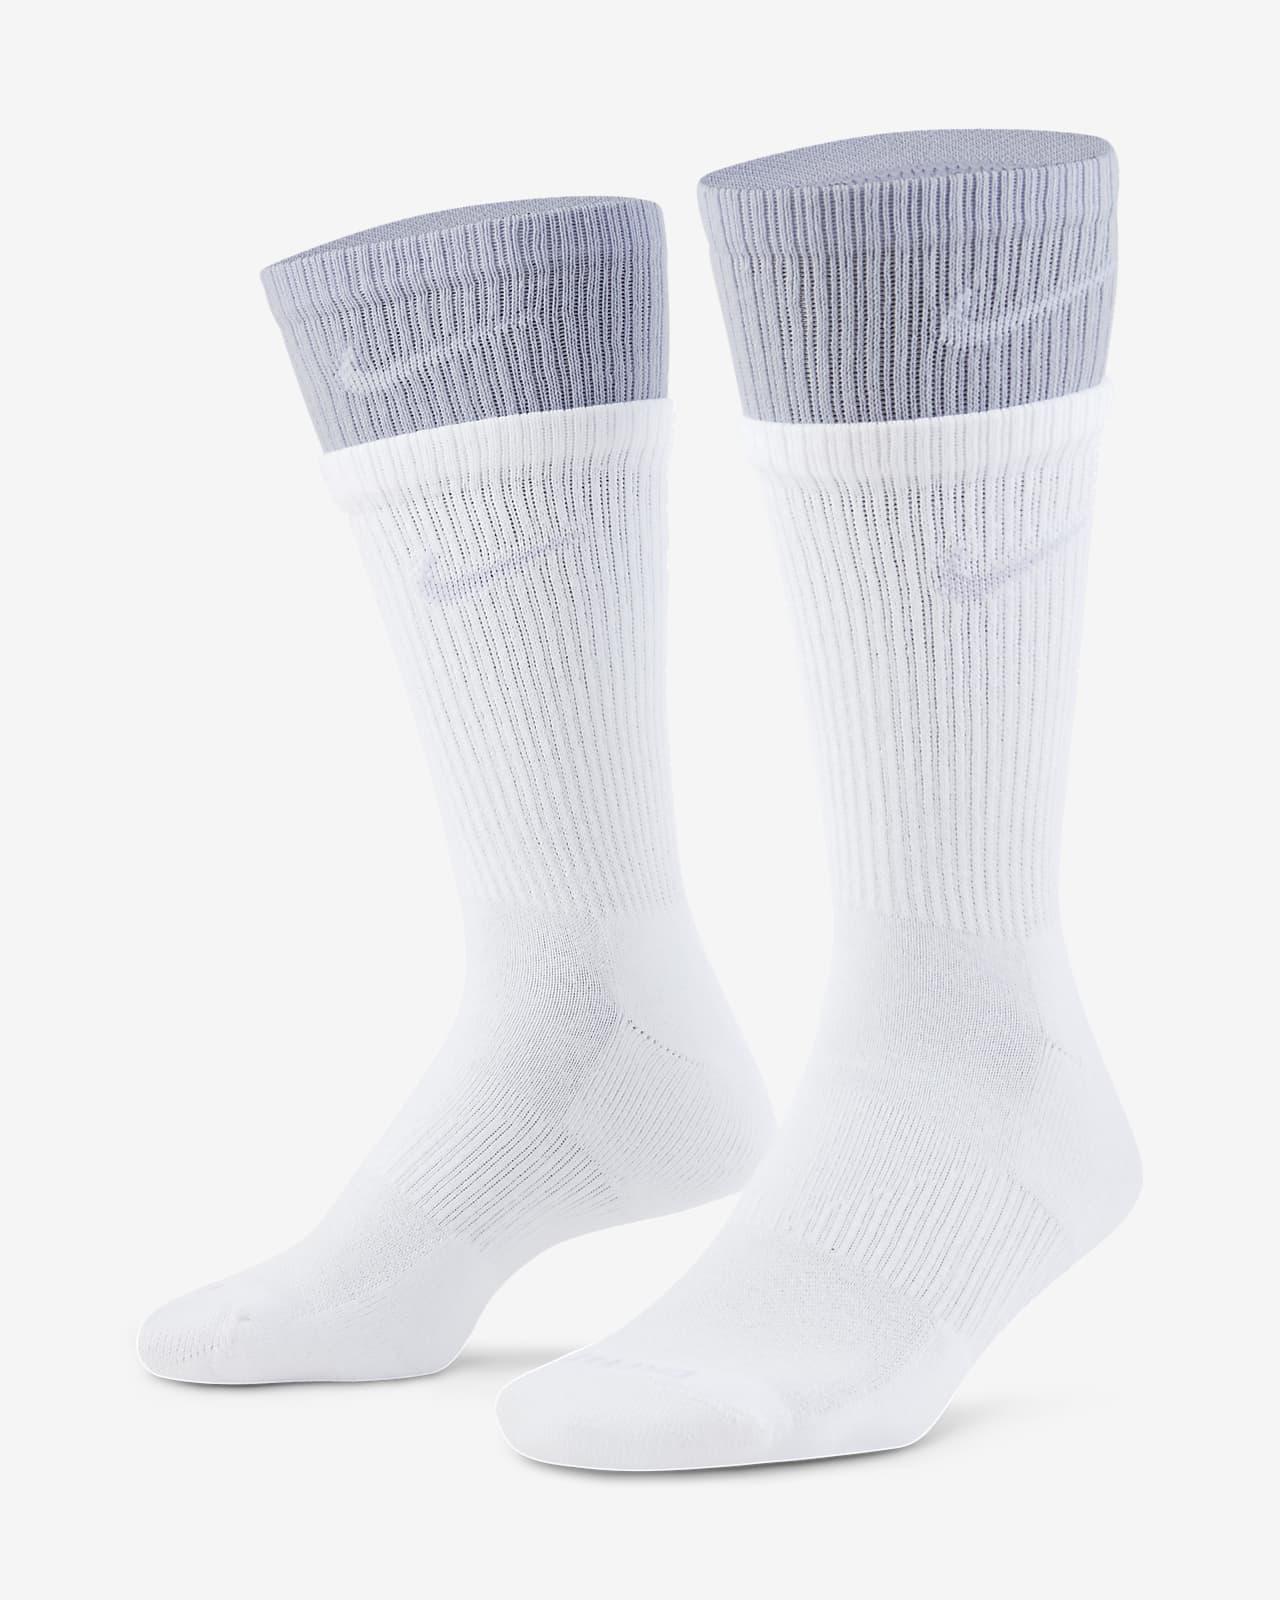 Nike Everyday Plus Cushioned Training Crew Socks